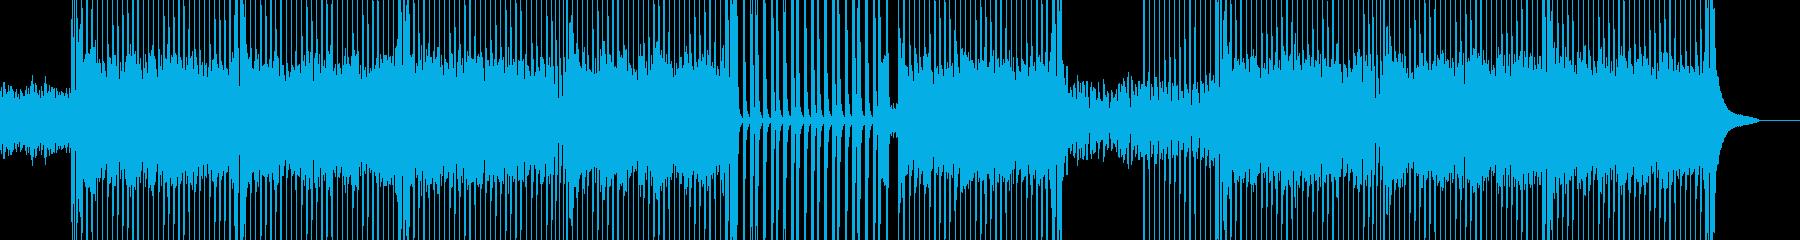 ピアノと軽快なリズムが印象的なポップスの再生済みの波形